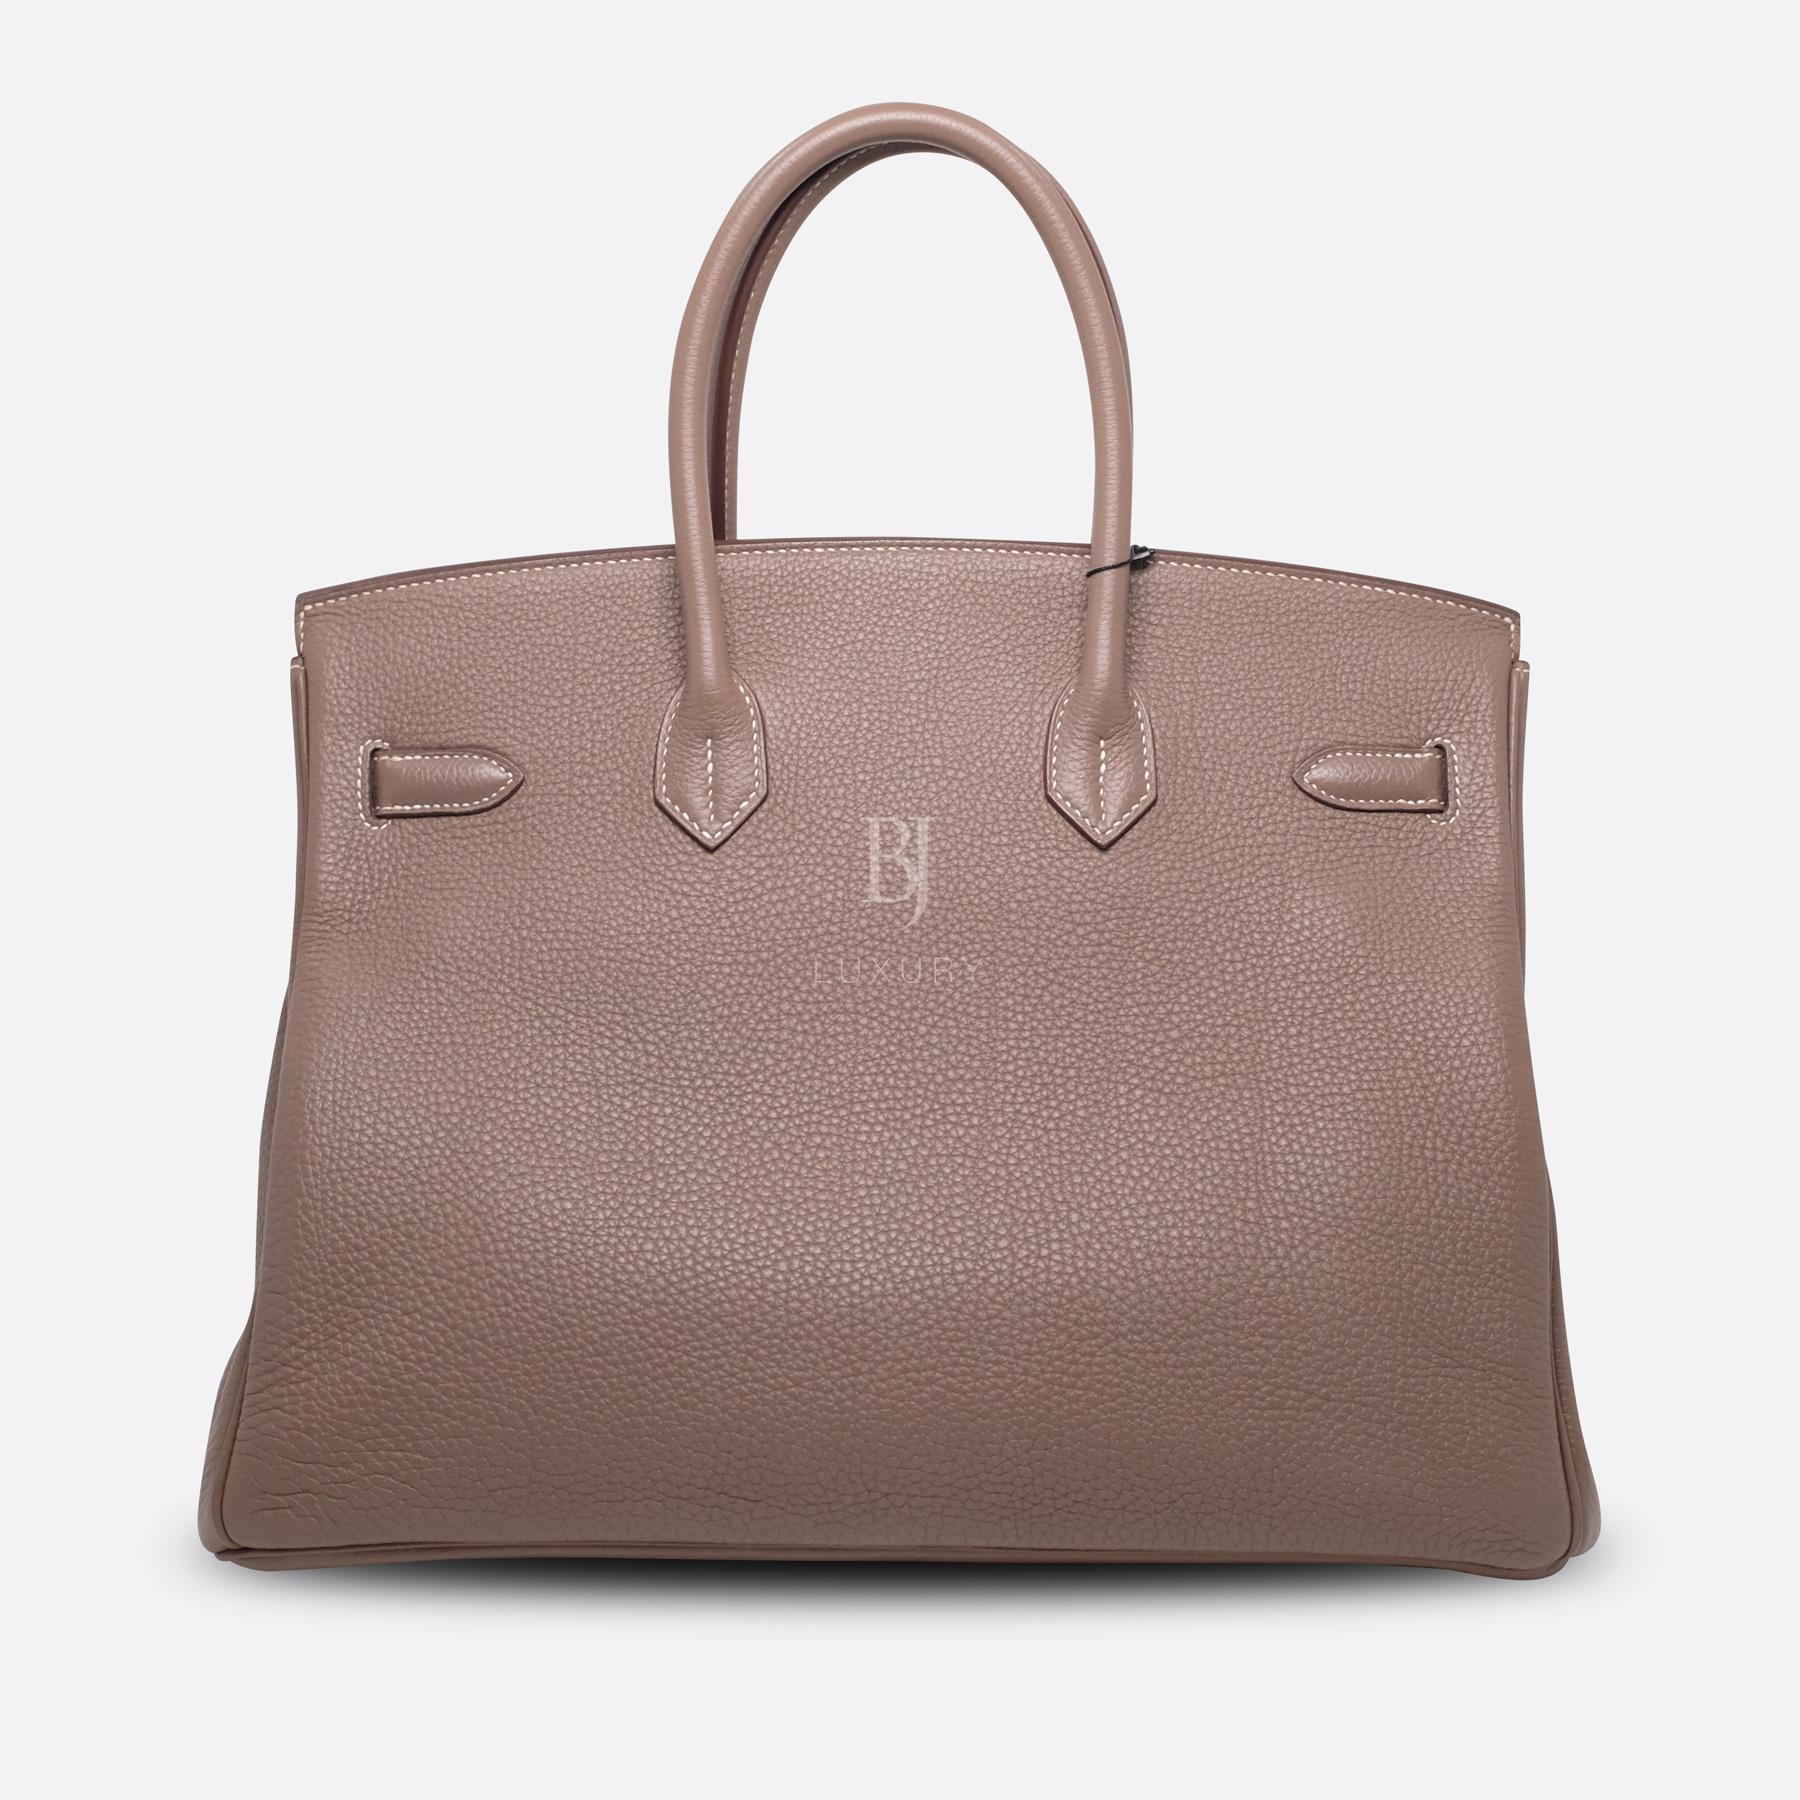 Hemes Birkin 35 Etoupe Palladium Togo BJ Luxury 4.jpg